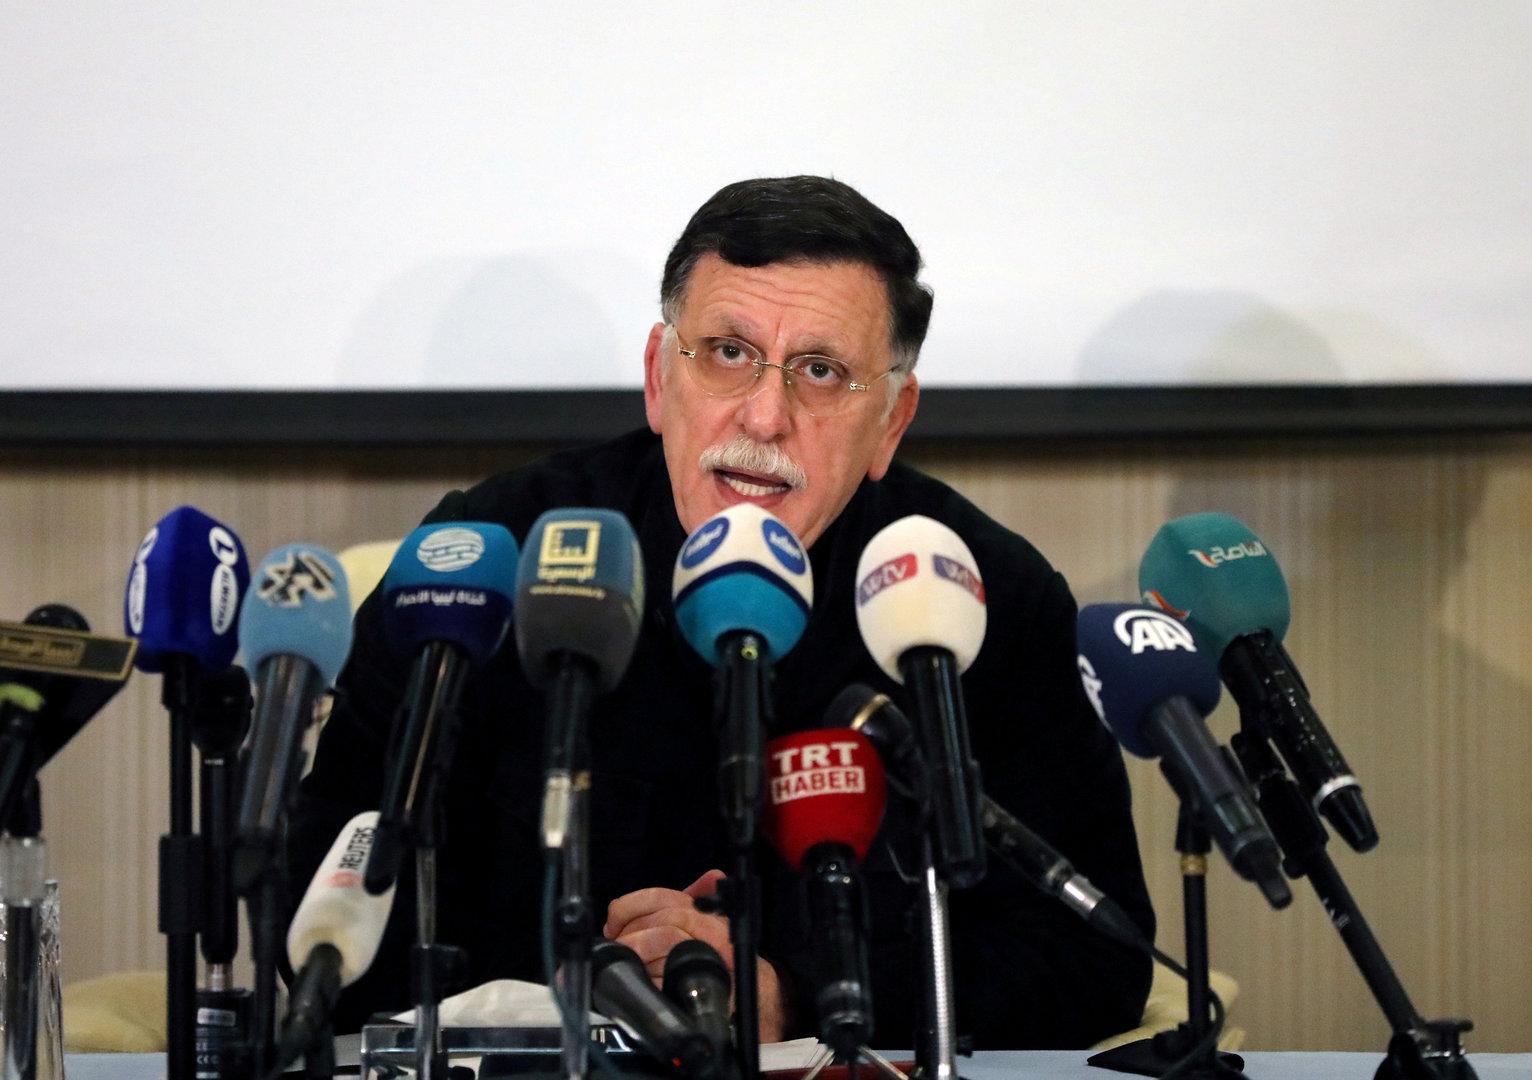 Libyens international anerkannter Regierungschef will zurücktreten